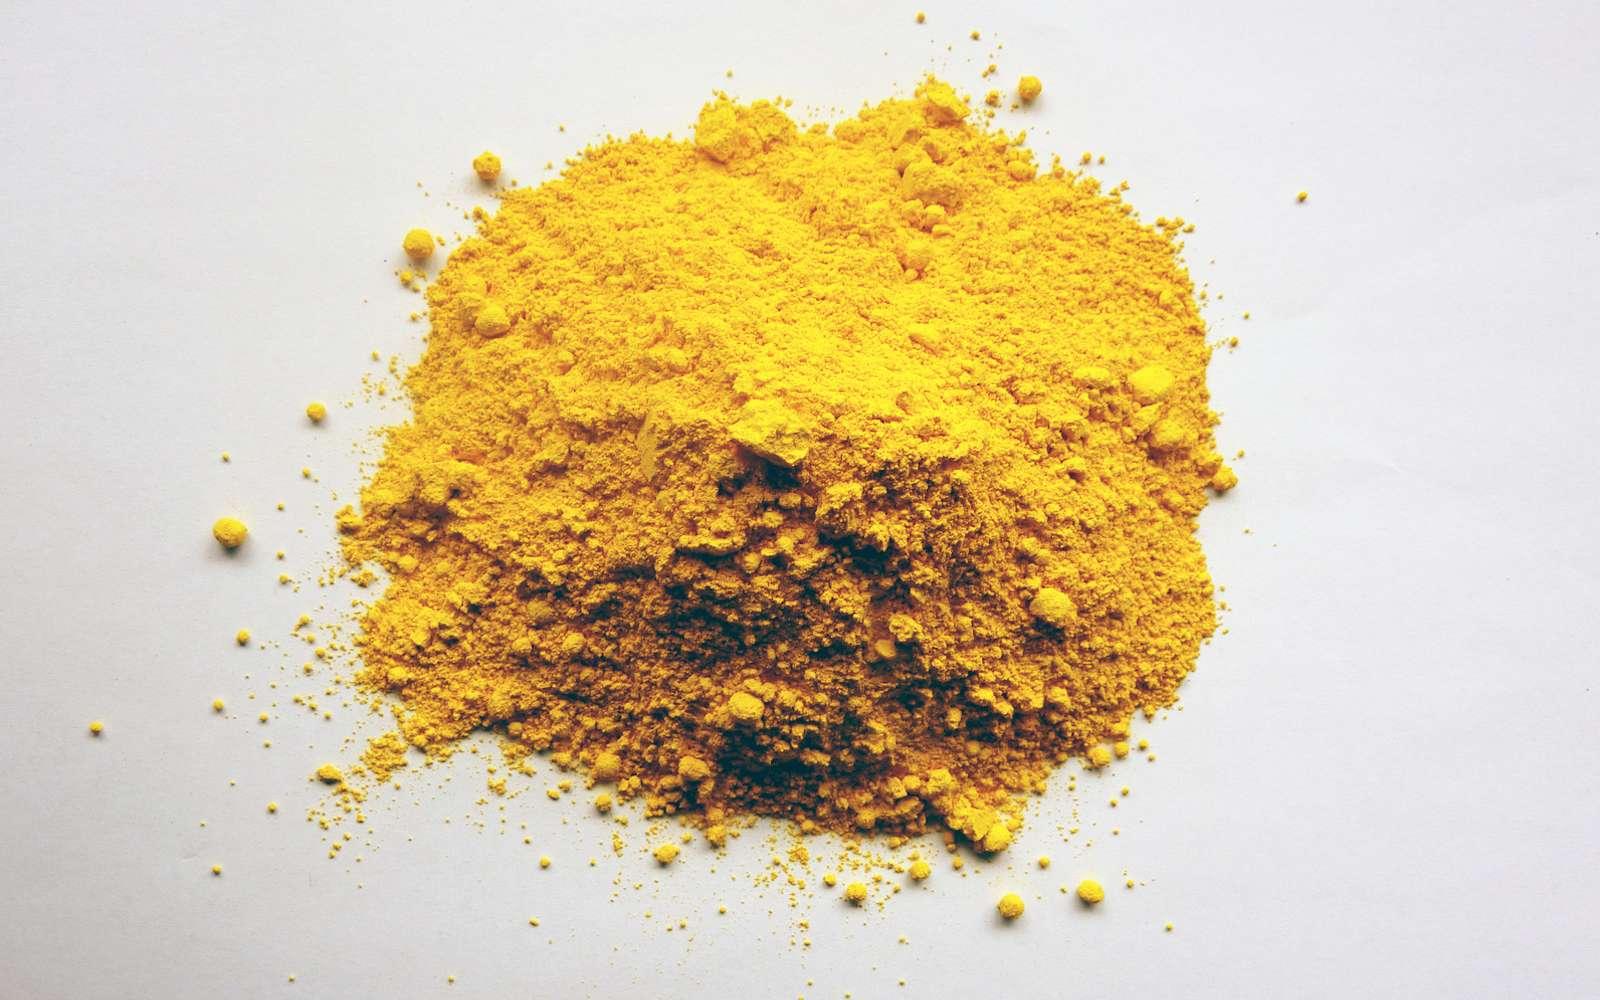 À l'état solide, l'acide picrique se présente sous forme de cristaux jaunes très explosifs. © giniebb, Fotolia